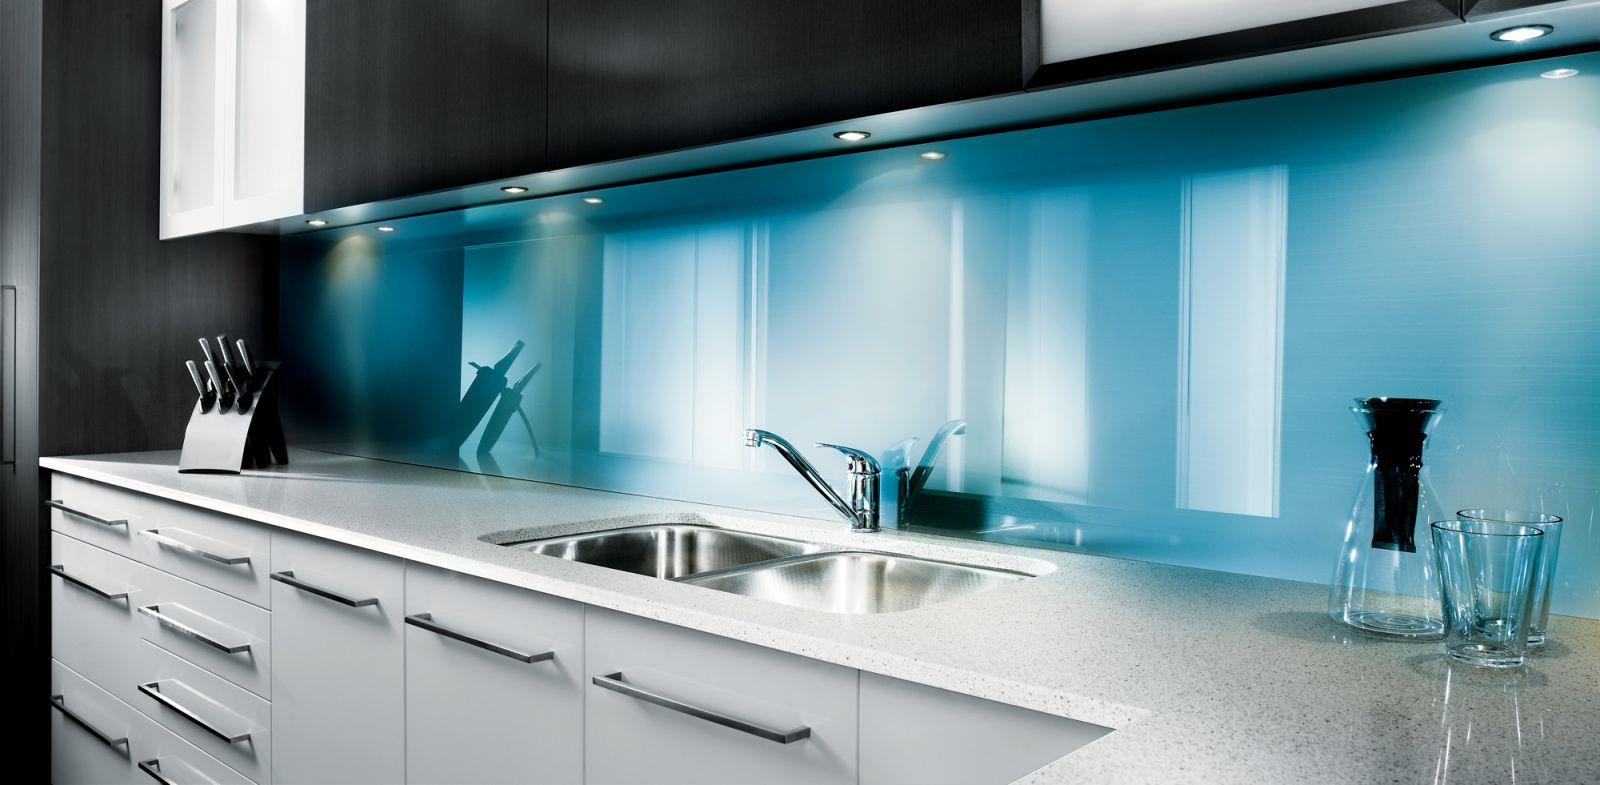 Косметический ремонт на кухне за пять дней своими руками